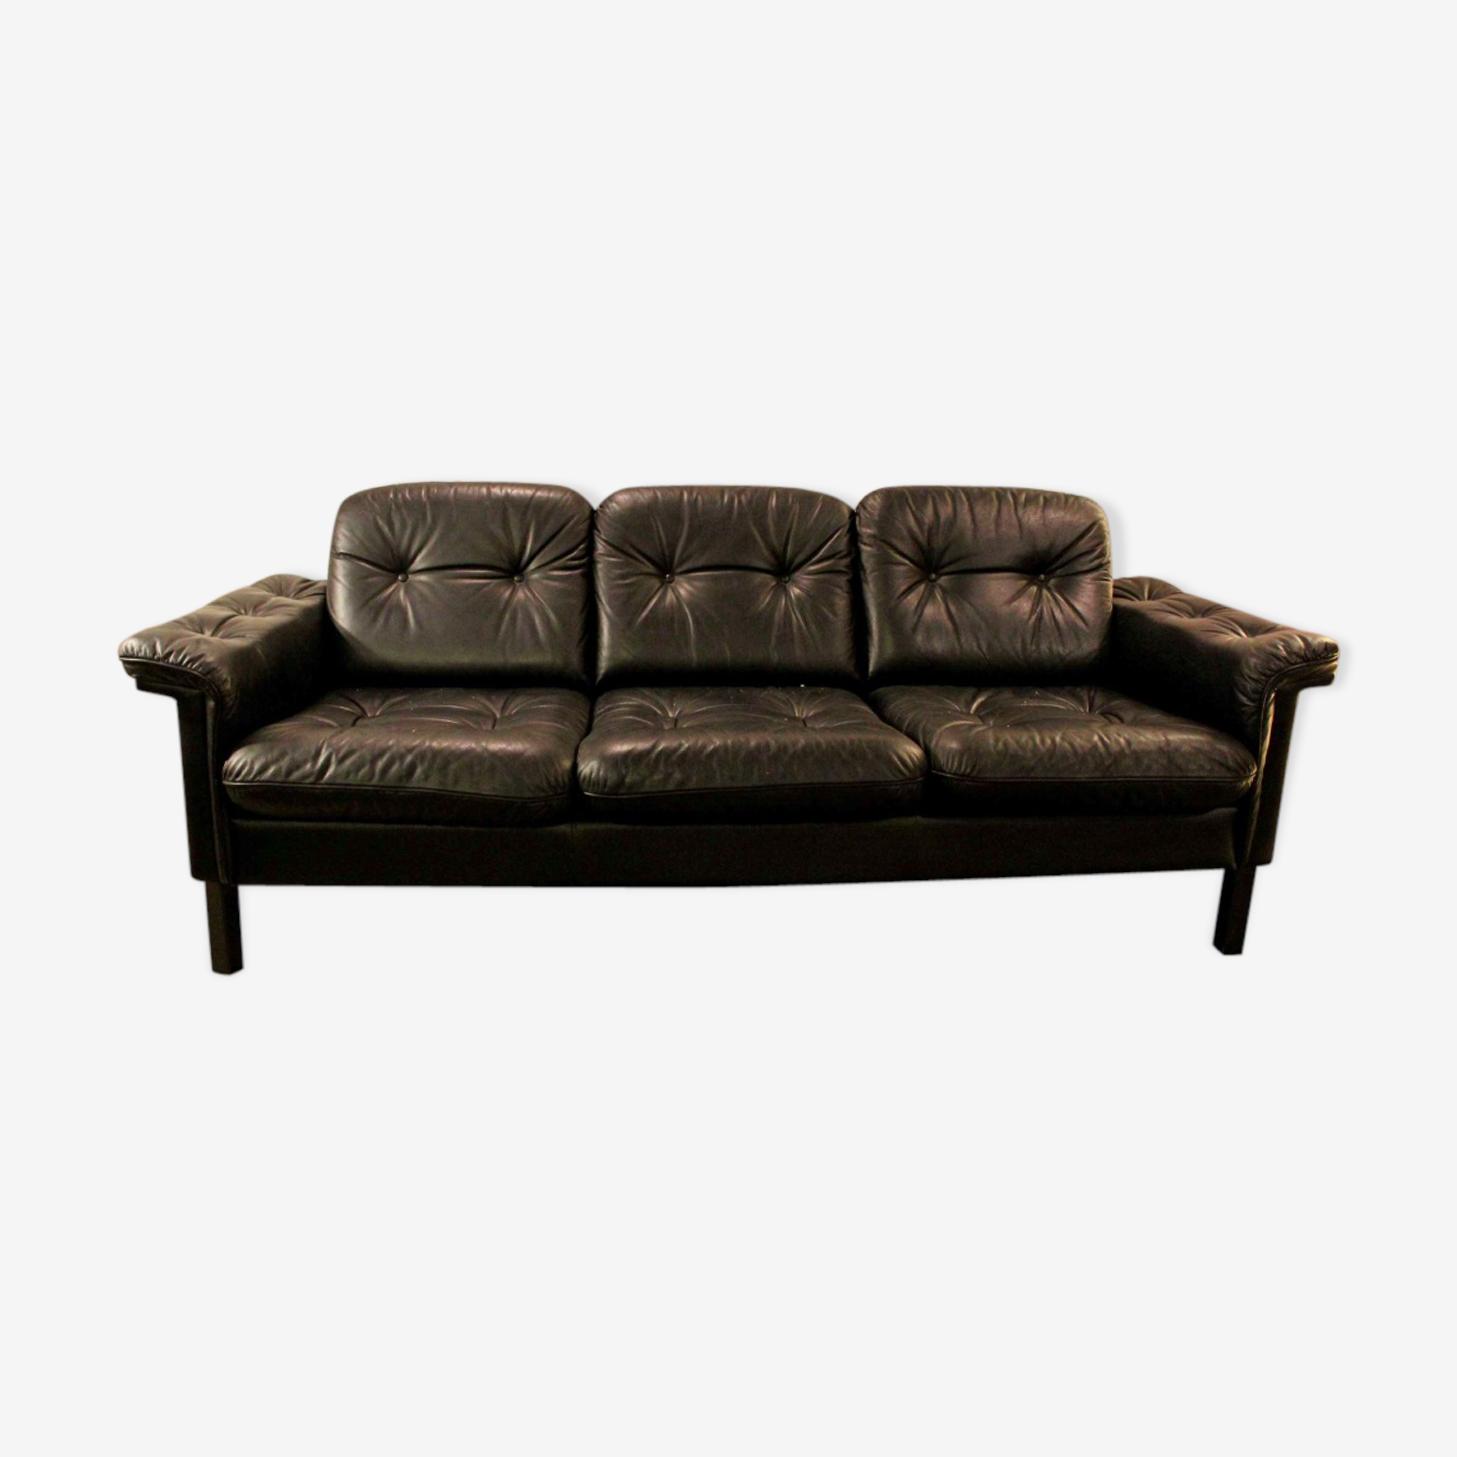 Canapé vintage en cuir avec 3 places années 70.